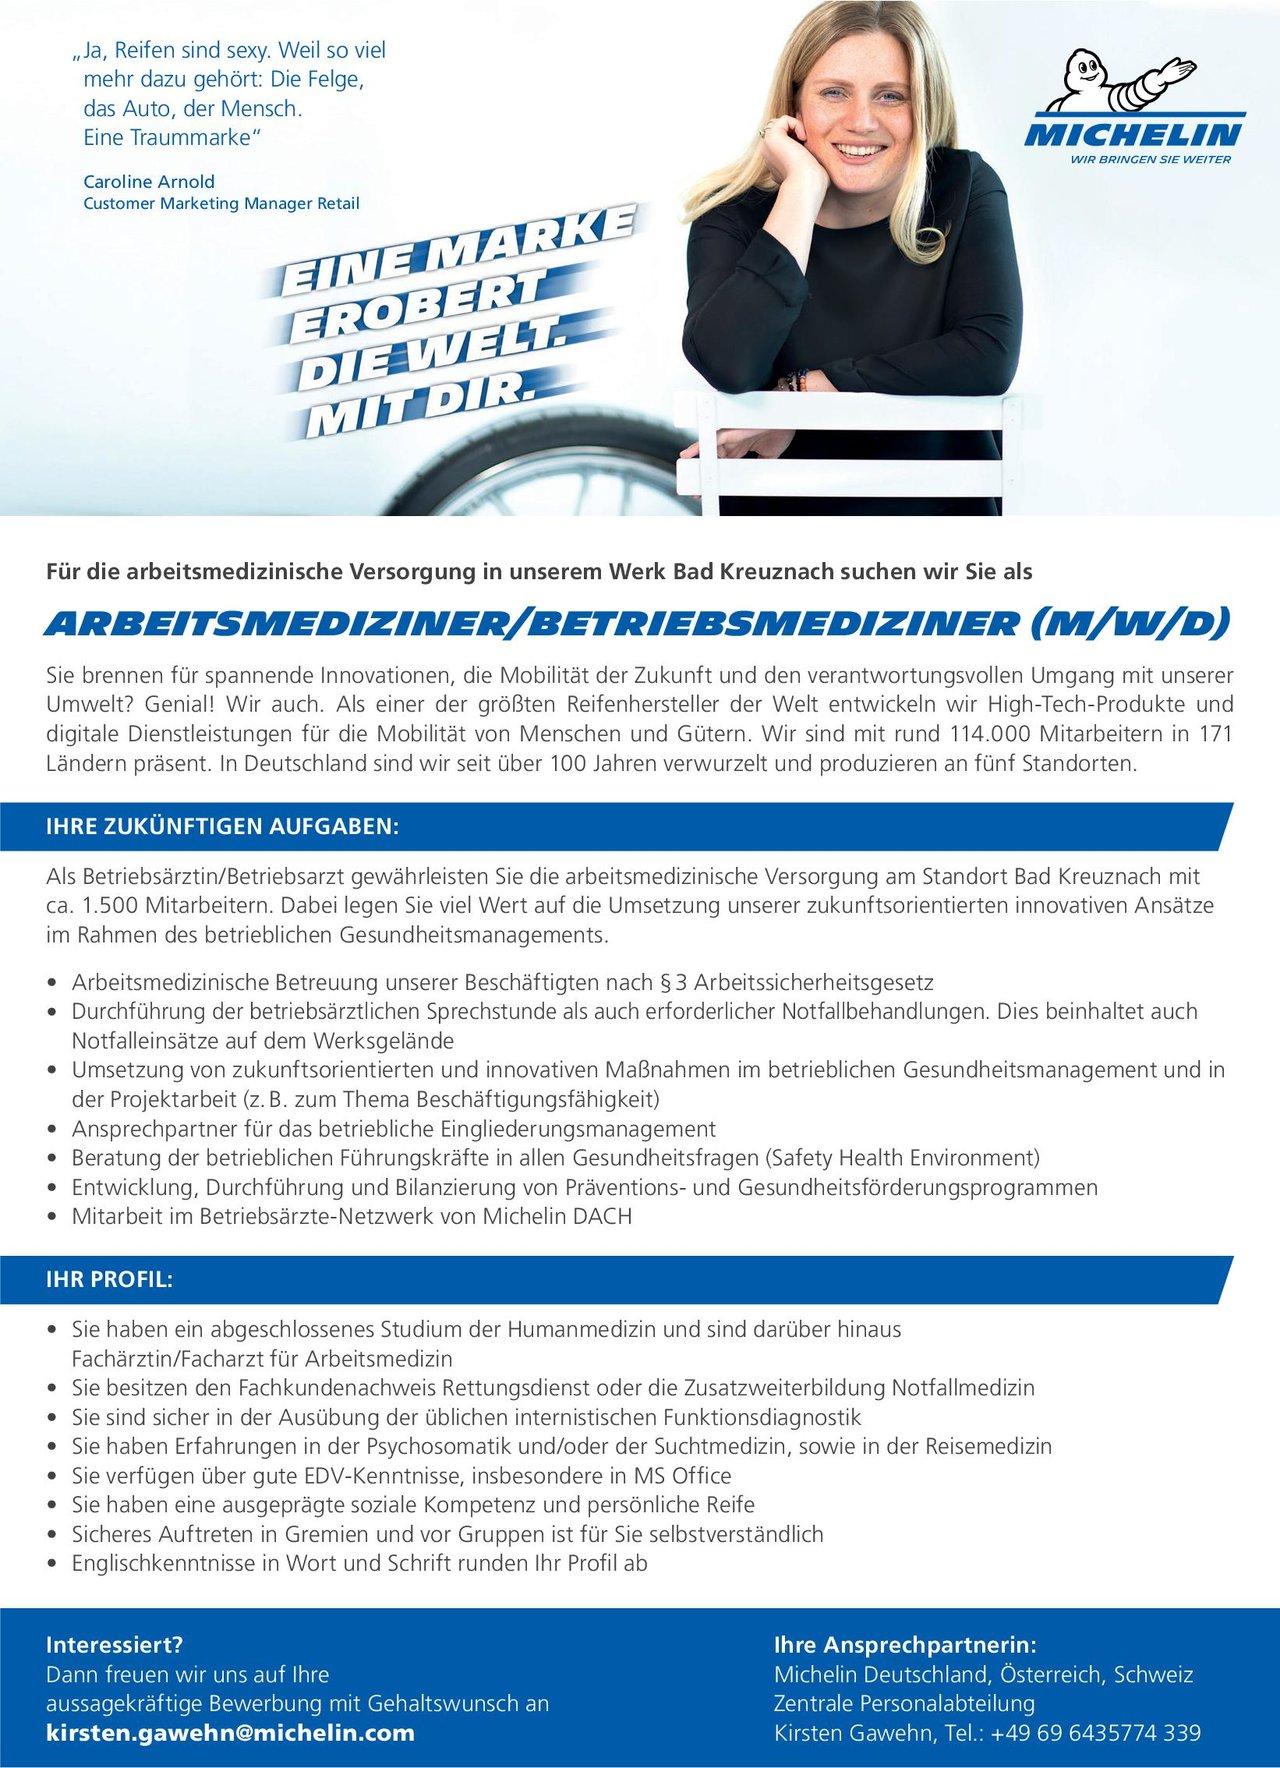 Michelin Deutschland Arbeitsmediziner / Betriebsmediziner Arbeitsmedizin Arzt / Facharzt, Betriebsarzt